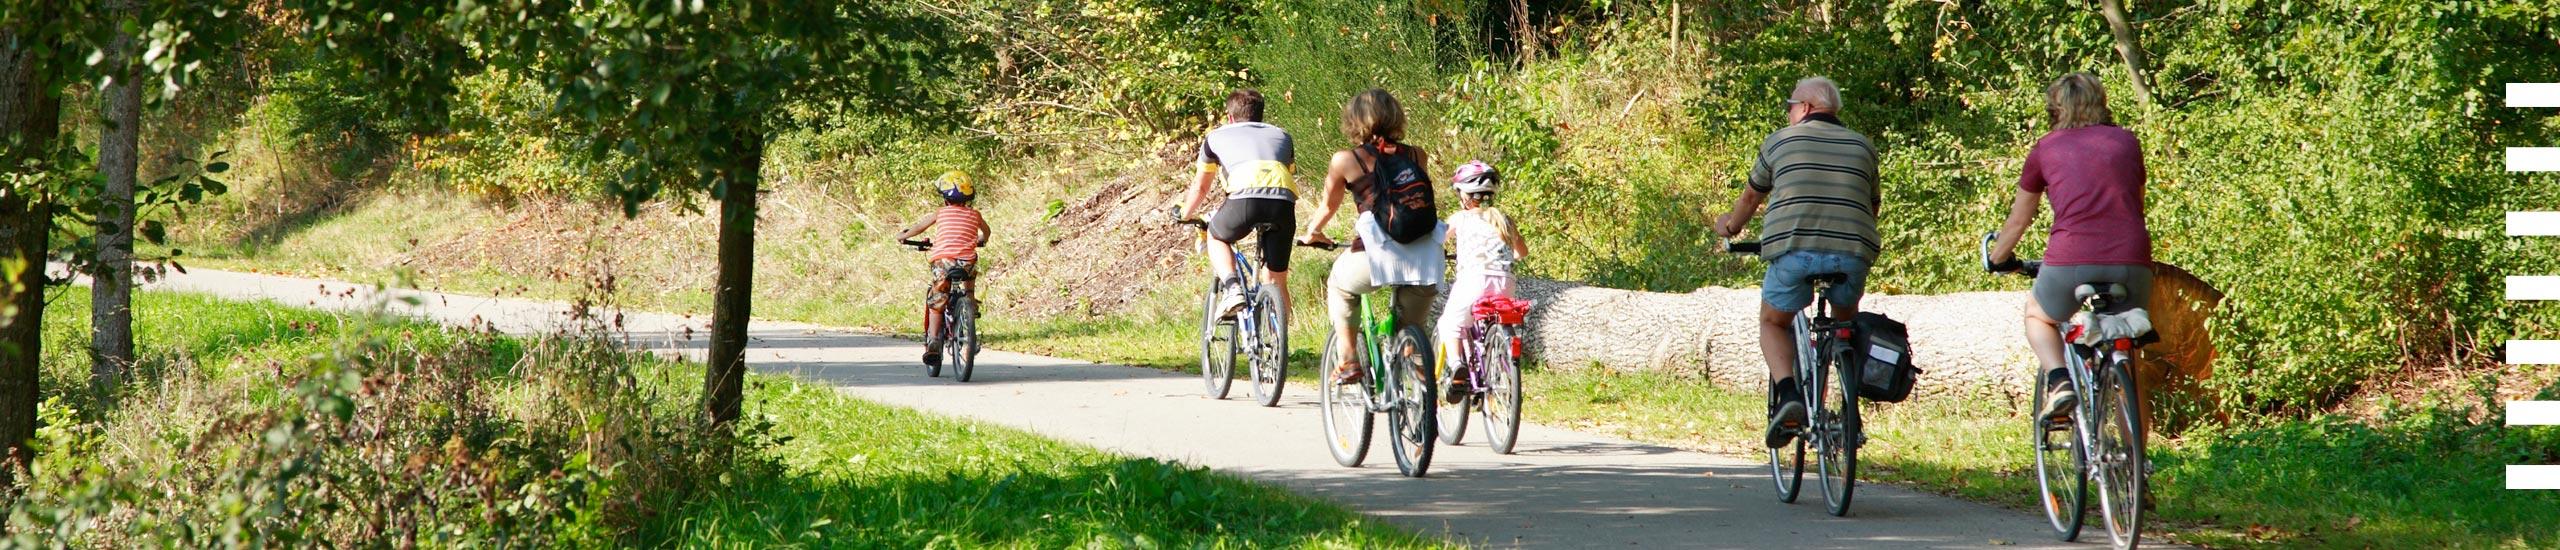 fietsen-Bosbeek2